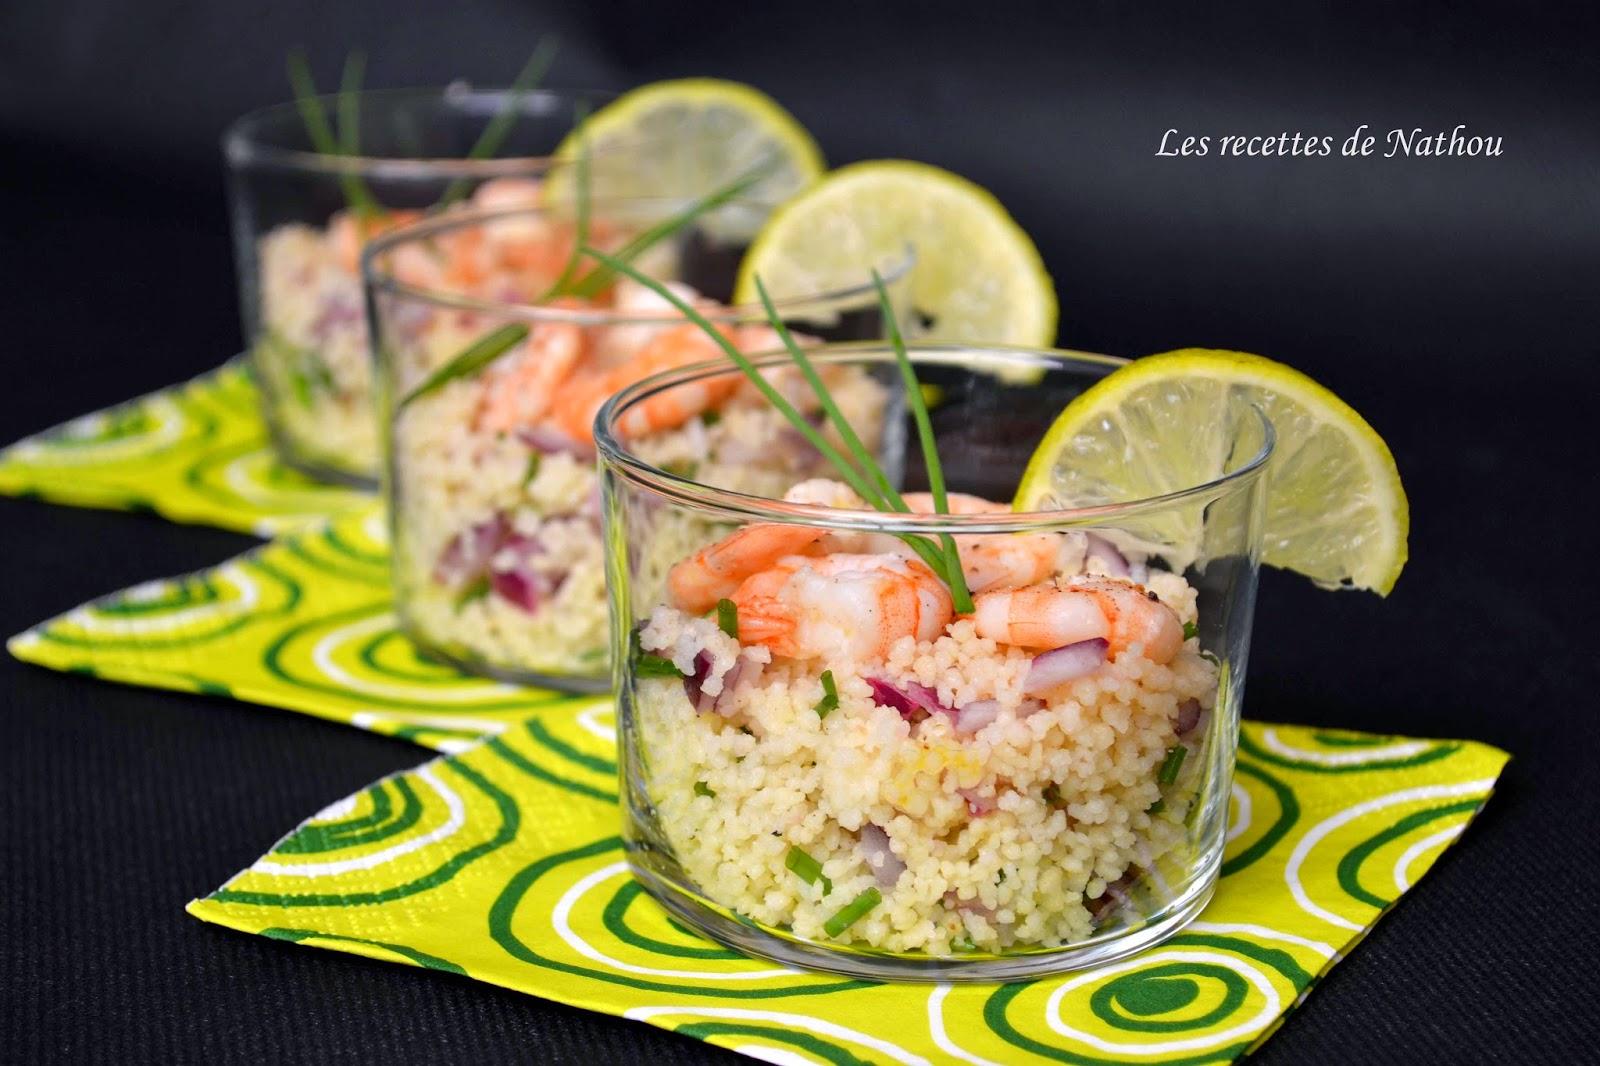 Verrines de taboul au crevettes citron vert et oignon rouge blogs de cuisine - Verrine sucree facile et rapide ...